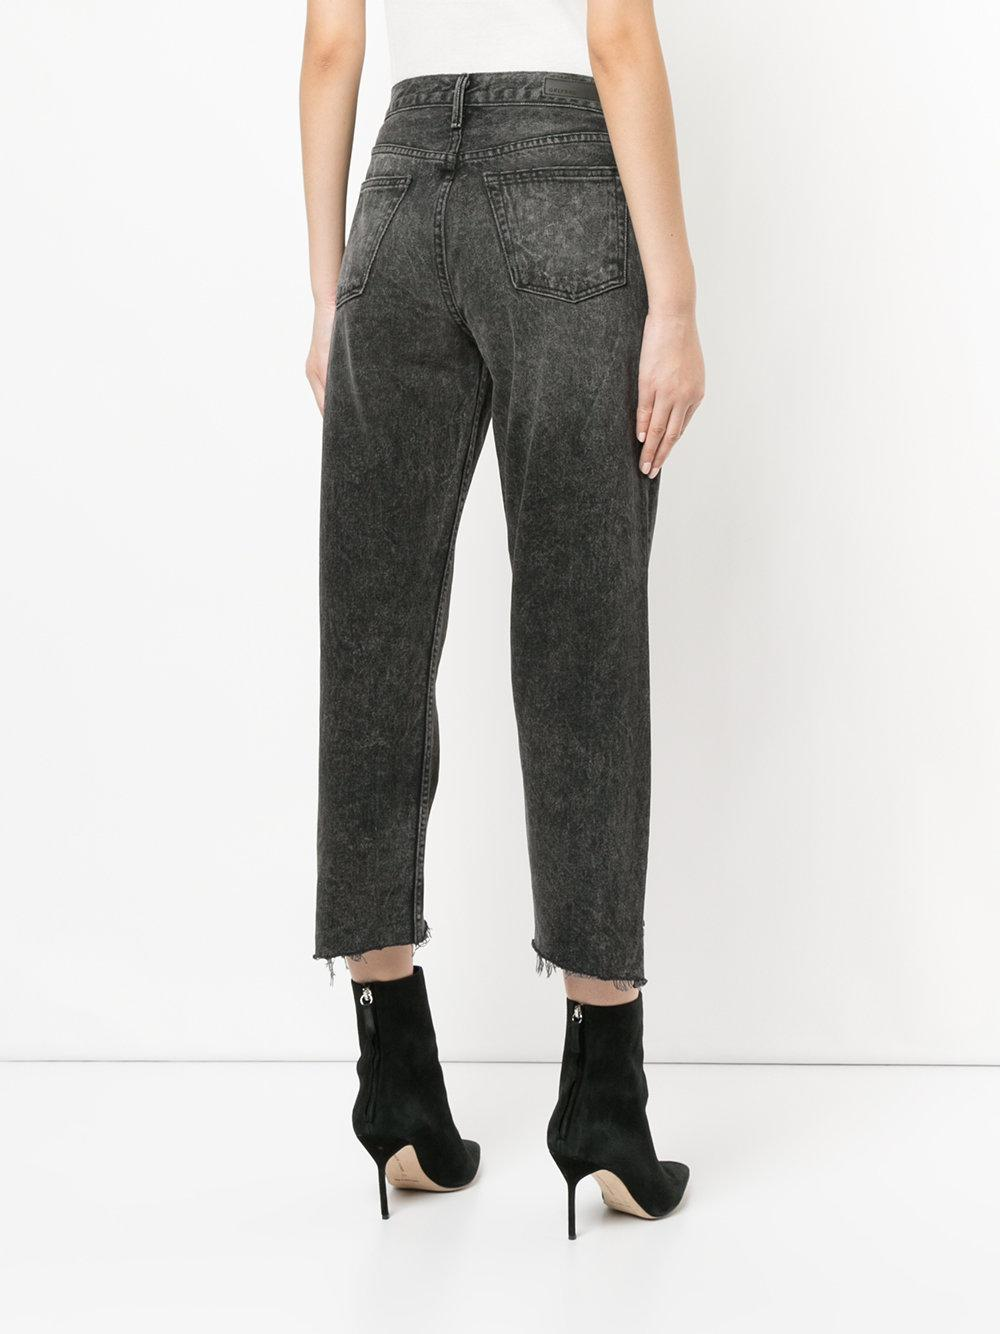 GRLFRND Denim Raw Hem Cropped Jeans in Grey (Grey)